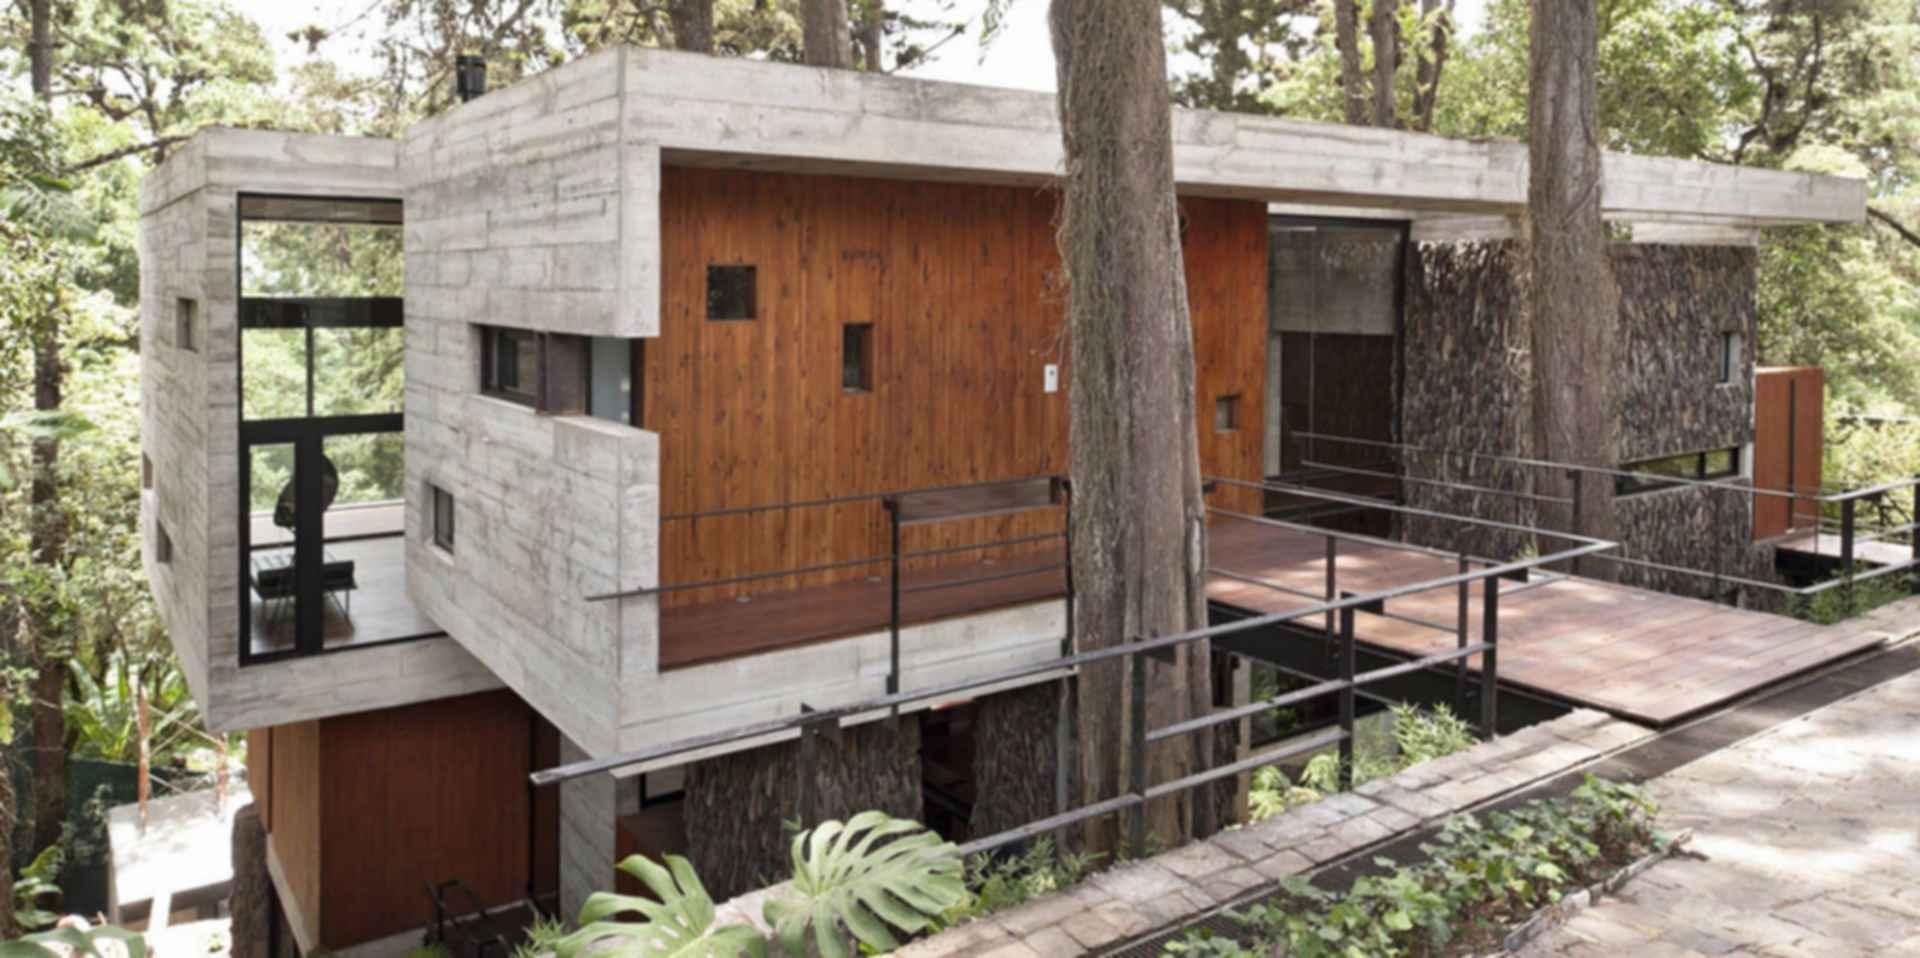 Corallo House - Exterior